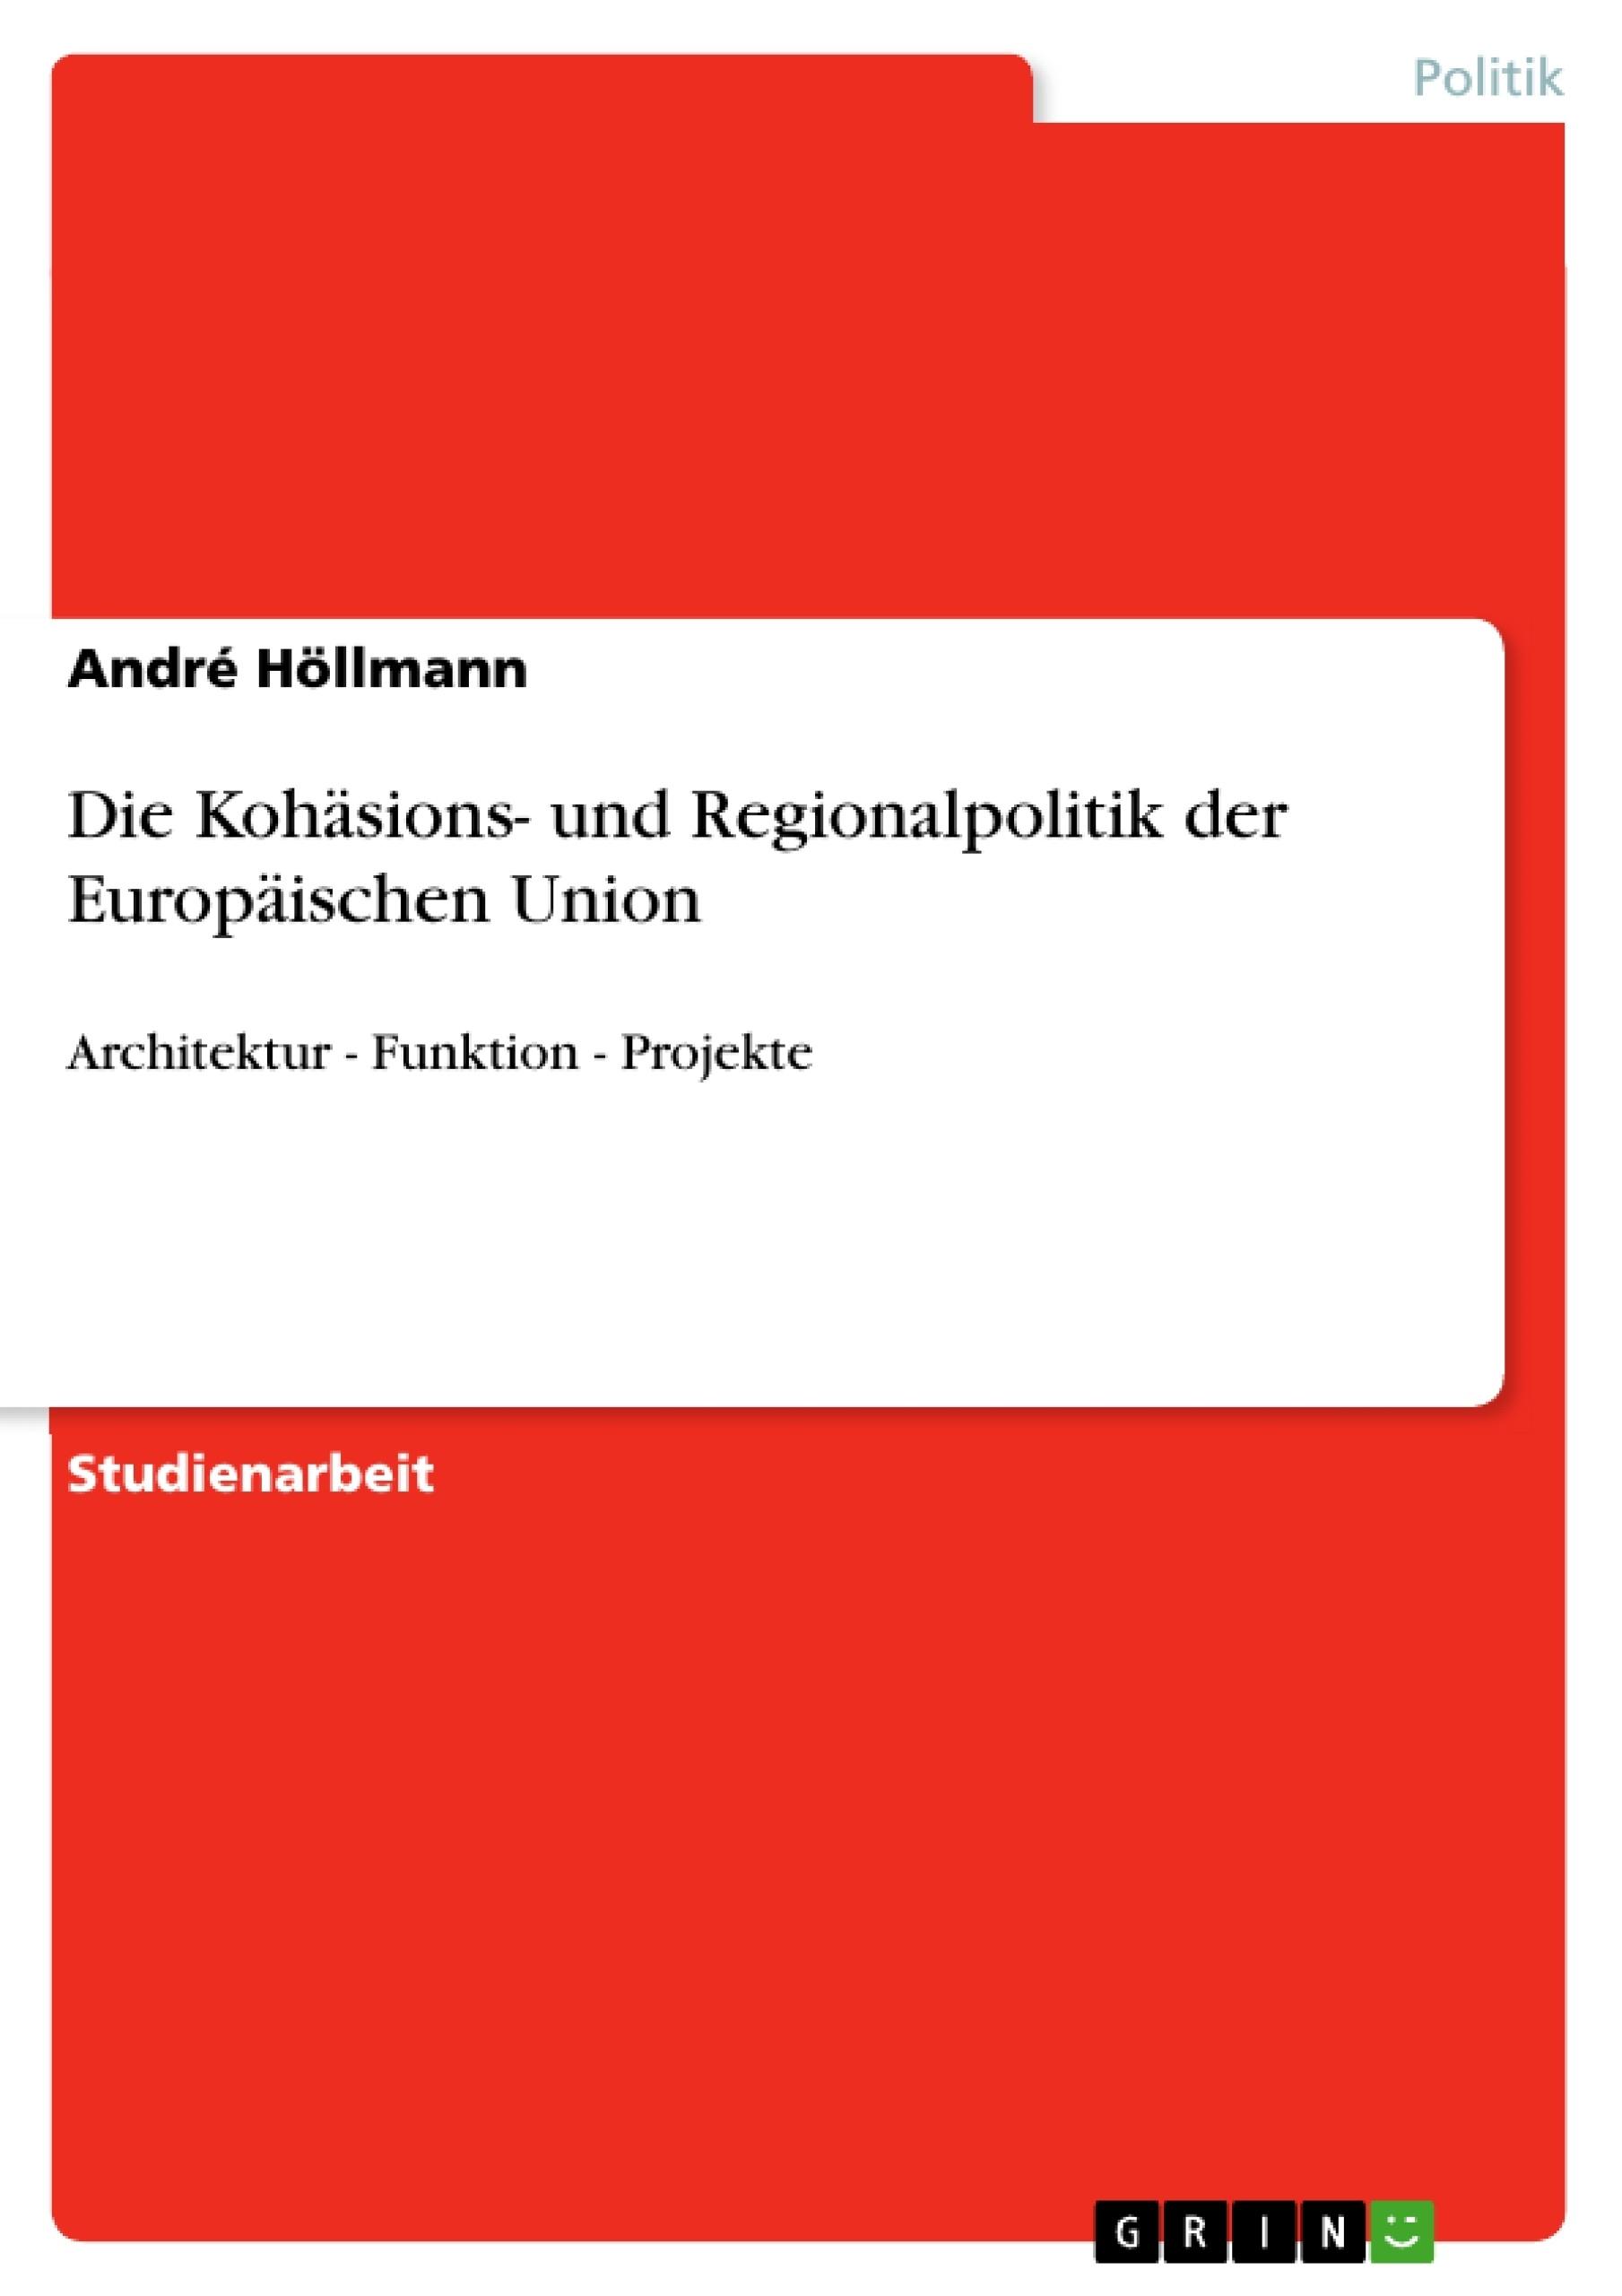 Titel: Die Kohäsions- und Regionalpolitik der Europäischen Union